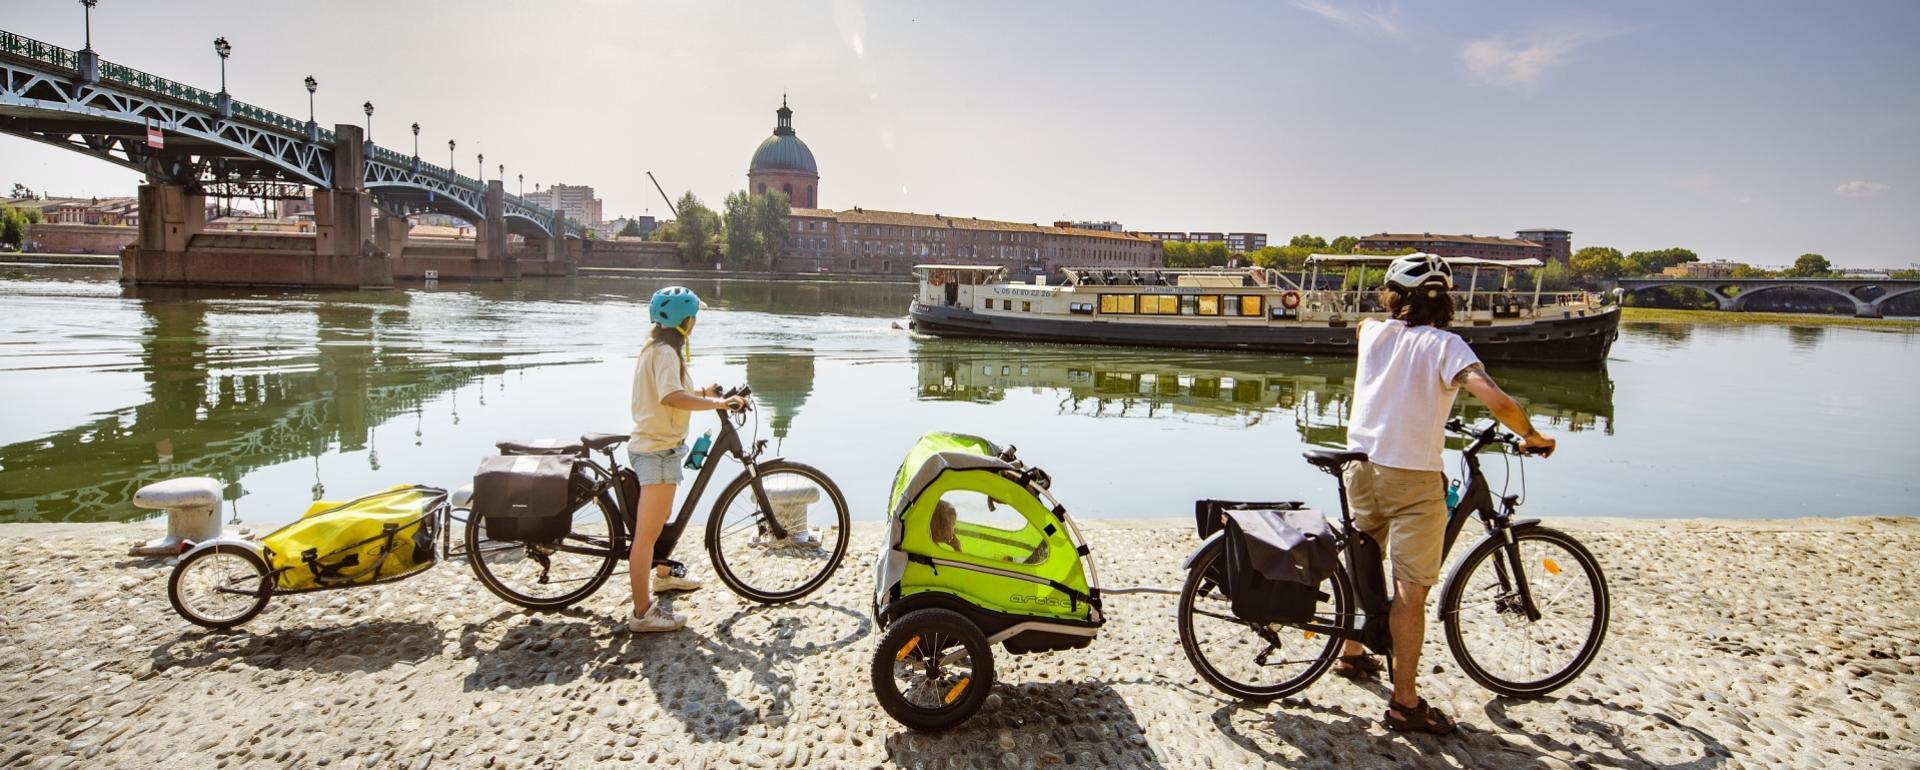 Balade à vélo - Ouvert au public Garonne Toulouse